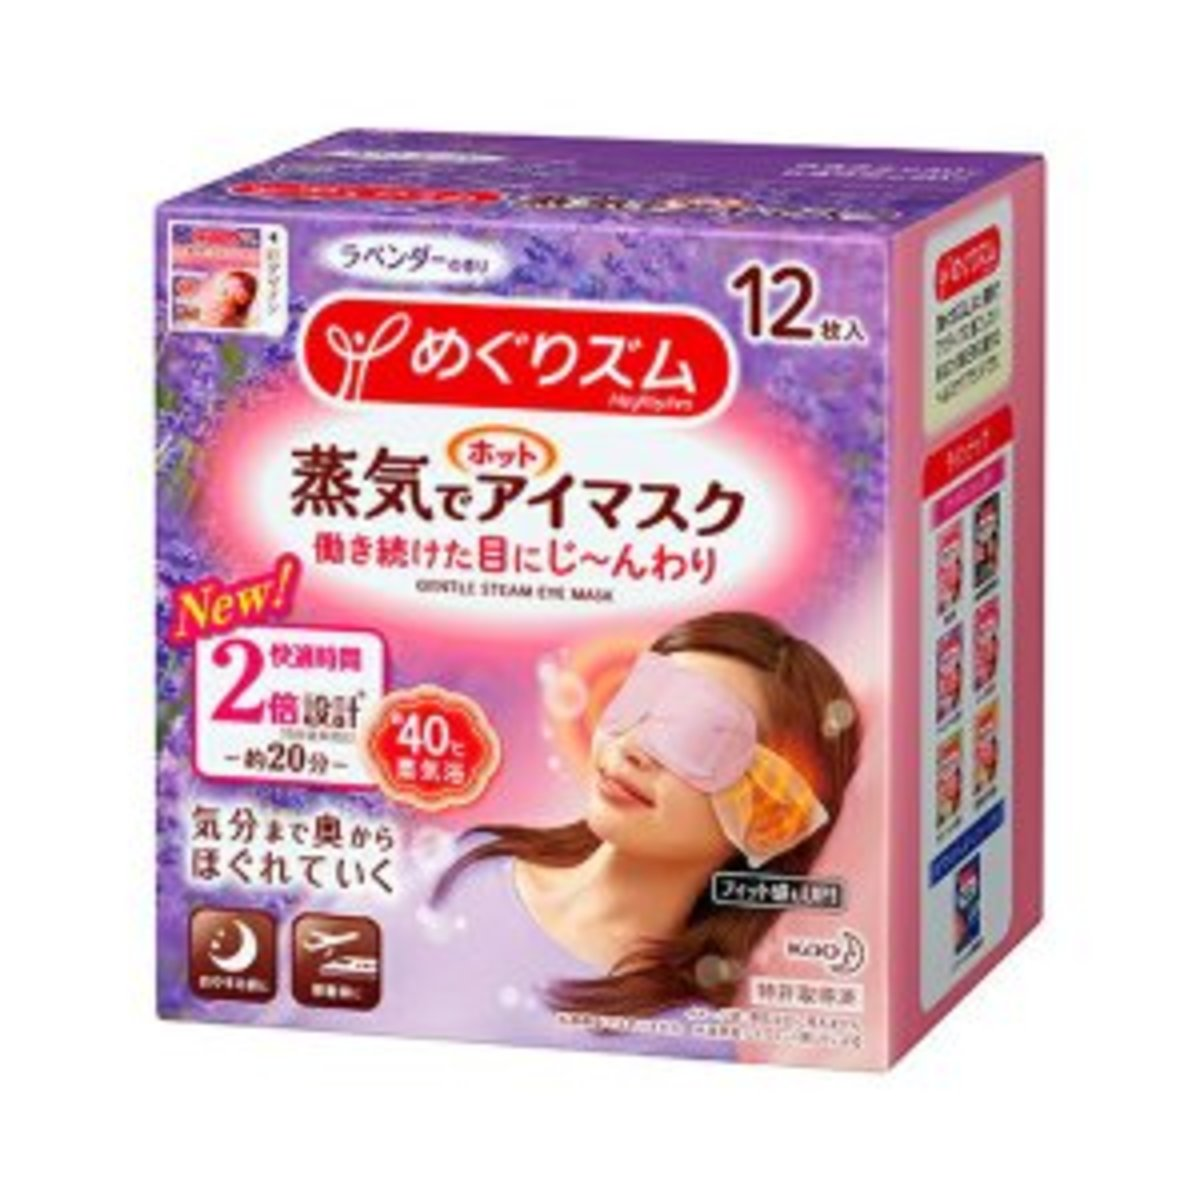 (2018 新版本) 花王蒸氣溫熱眼膜 (薰衣草香味) 12枚入 (盒裝)